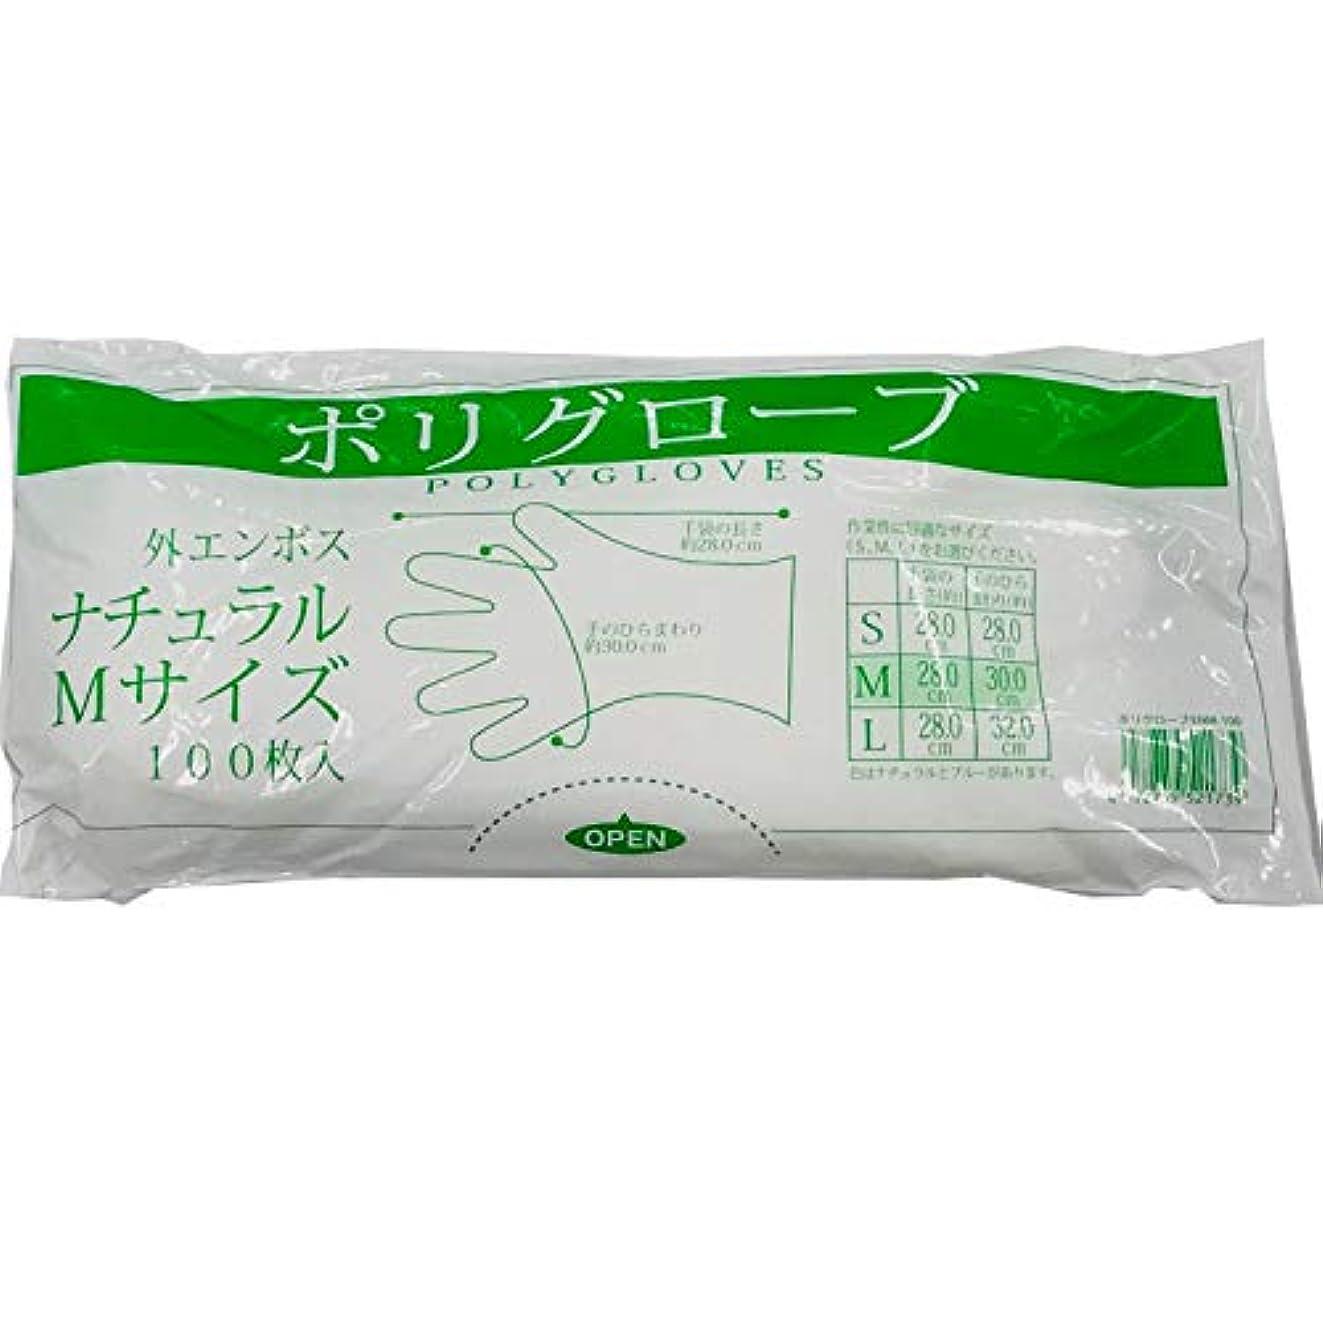 野菜である胚芽オルディ 使い捨て 手袋 M ナチュラル 透明 全長280mm 手の平まわり300mm 厚み0.025mm ポリエチレン手袋 使いきり ENM-100 100枚入